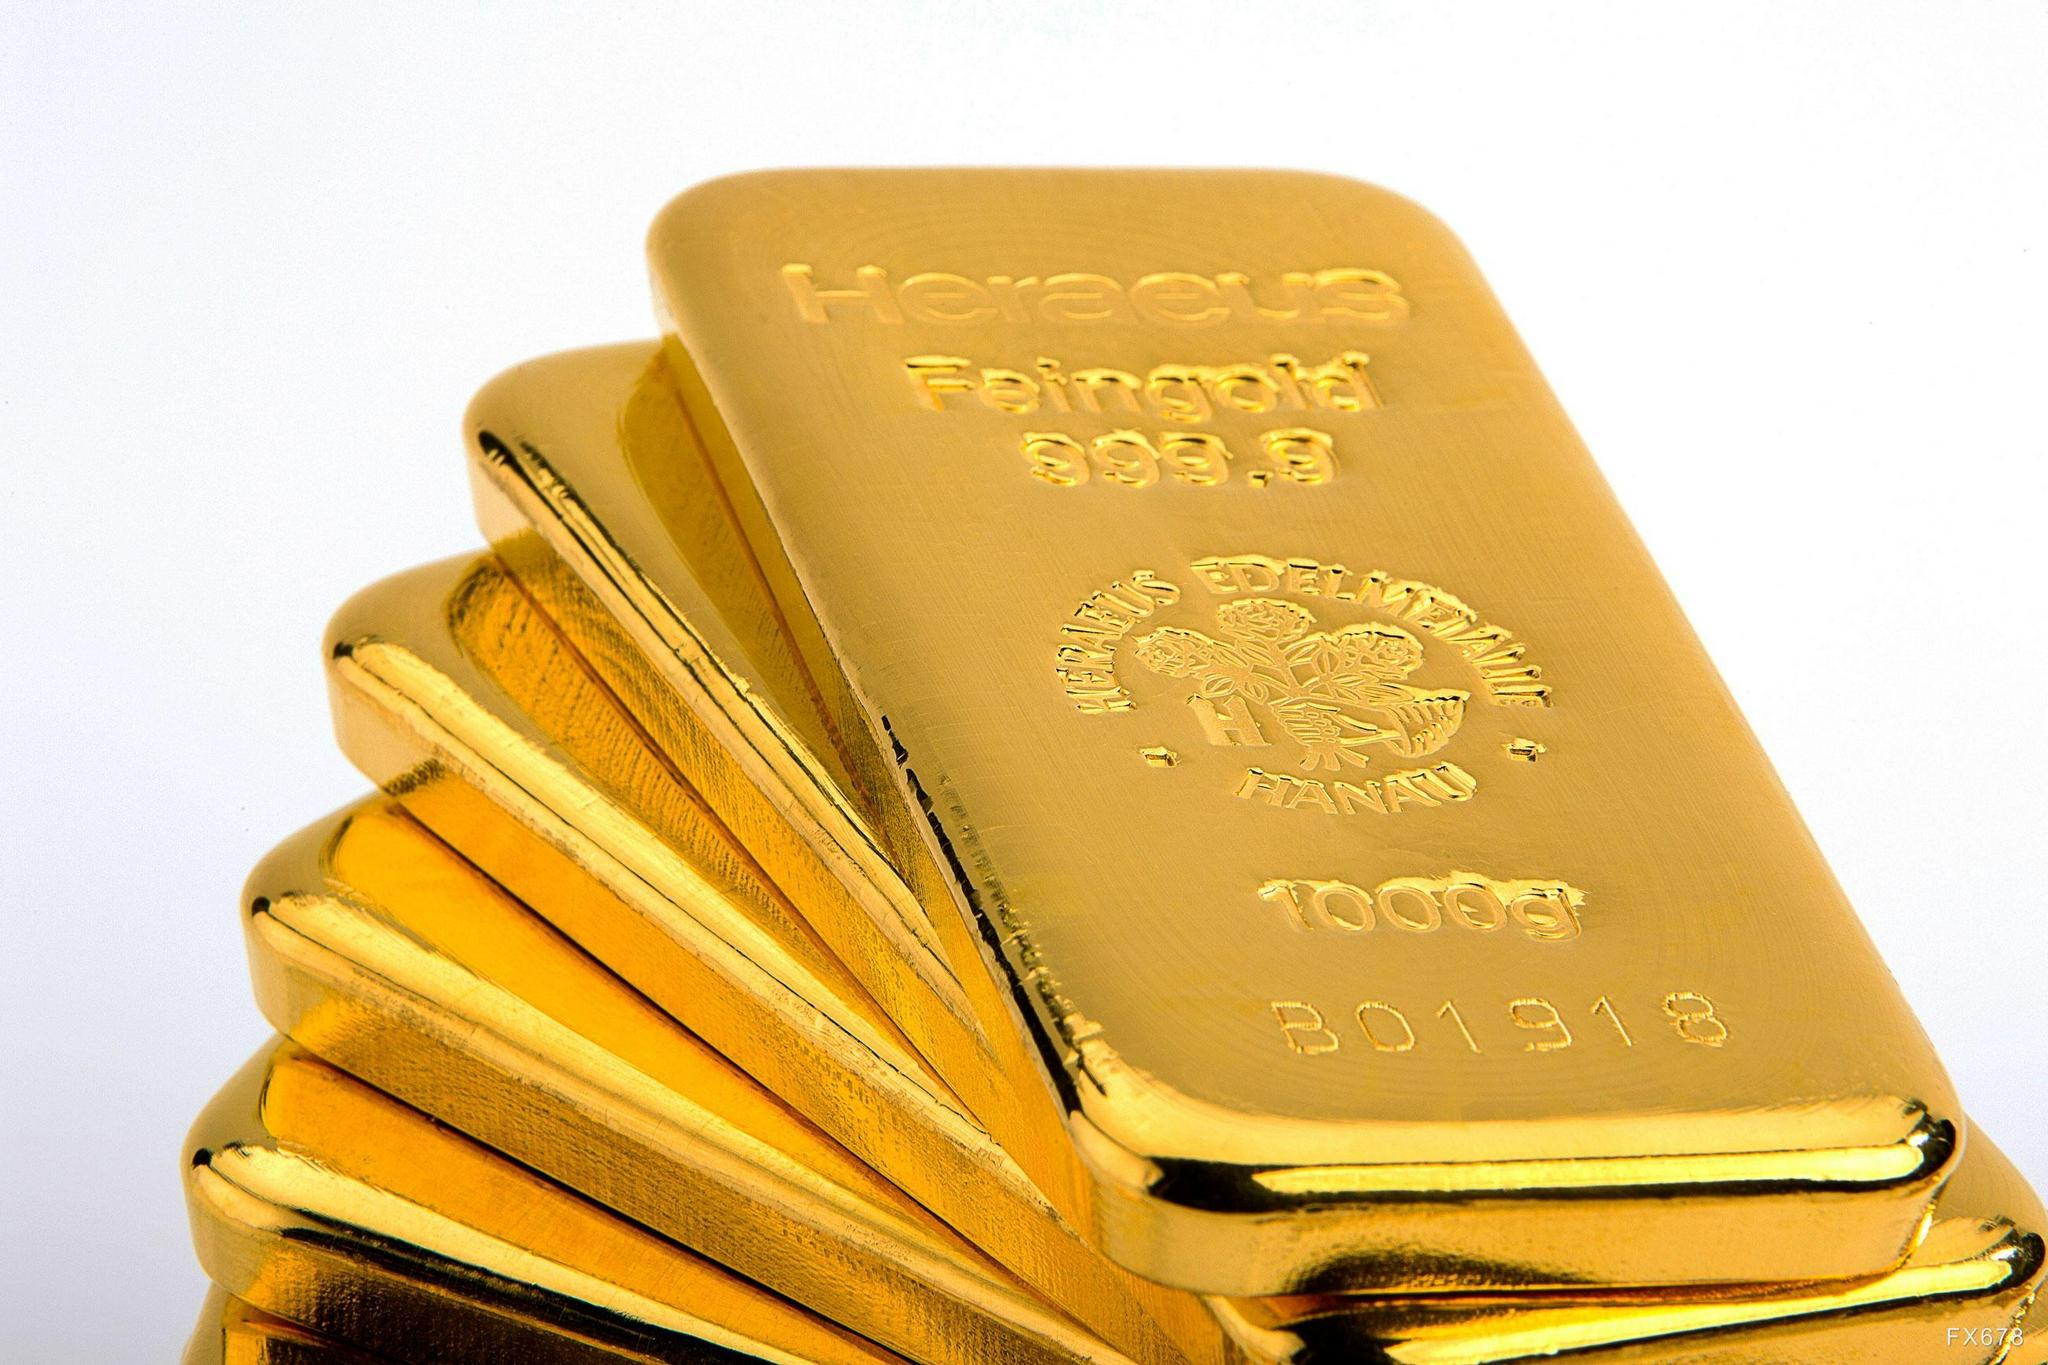 金价跌势难改 但需警惕欧银决议